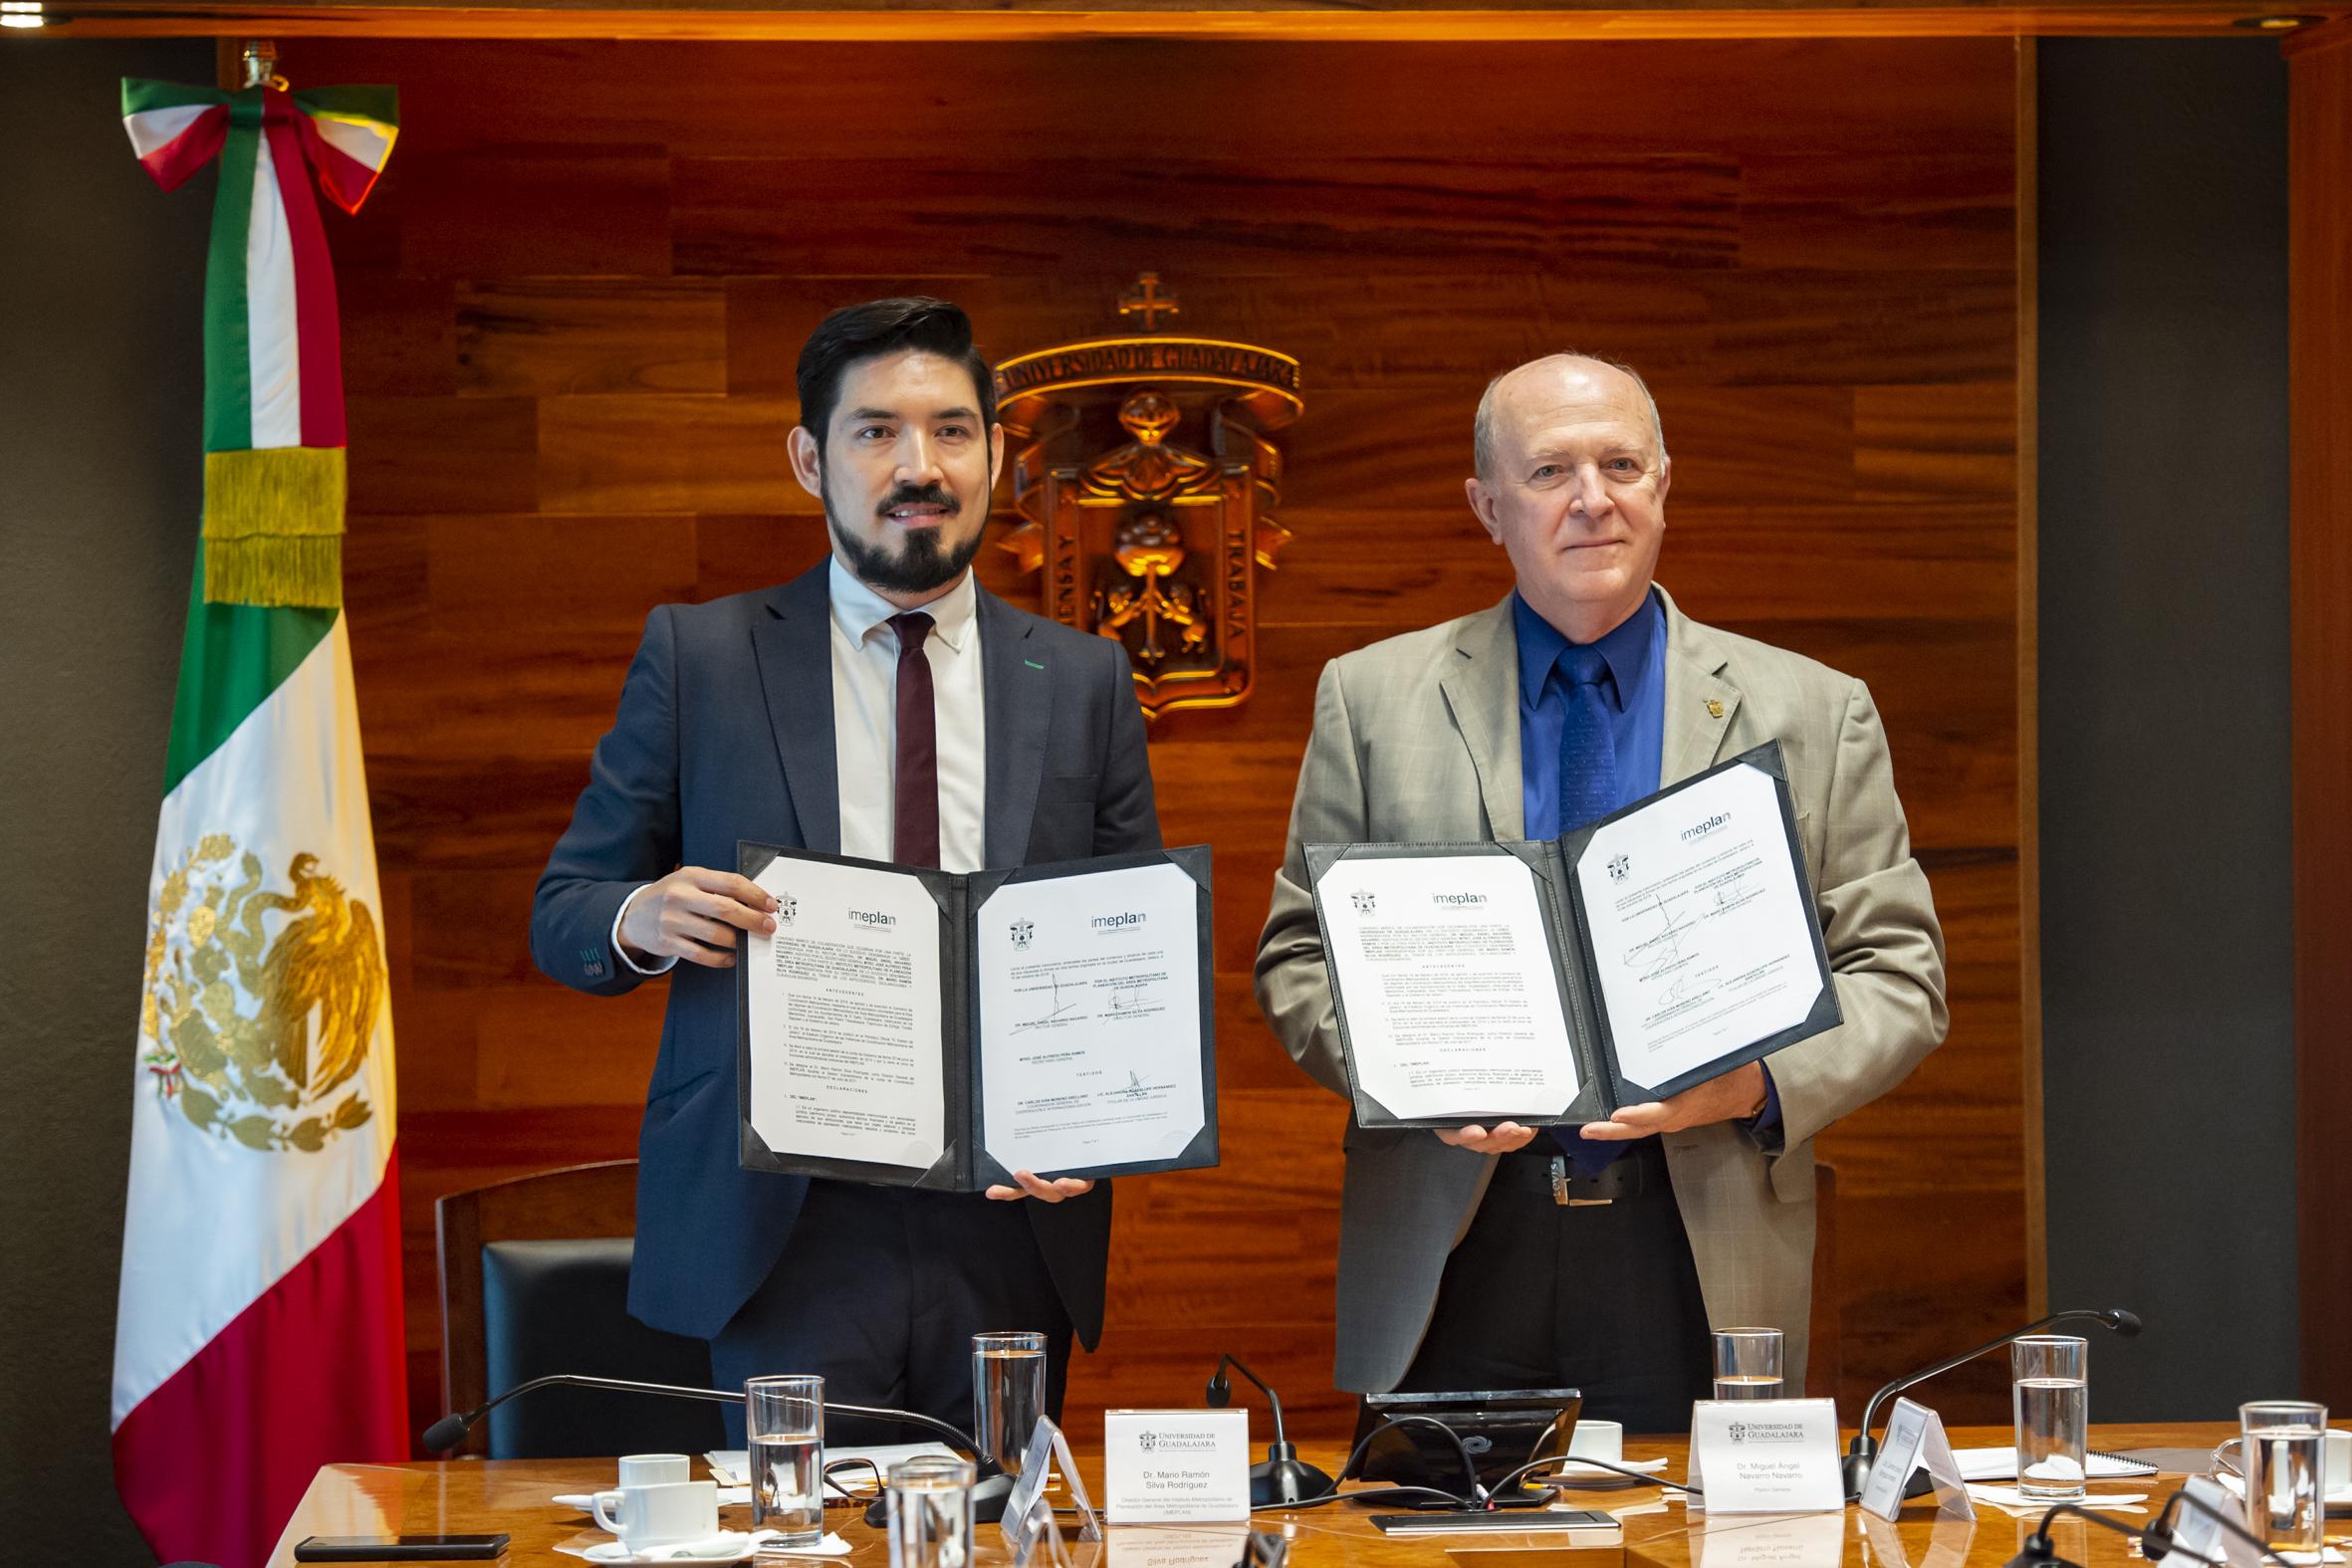 Rector General de la UdeG, doctor Miguel Ángel Navarro Navarro y el Director General del Imeplan, doctor Mario Ramón Silva Rodríguez, mostrando el convenio firmado